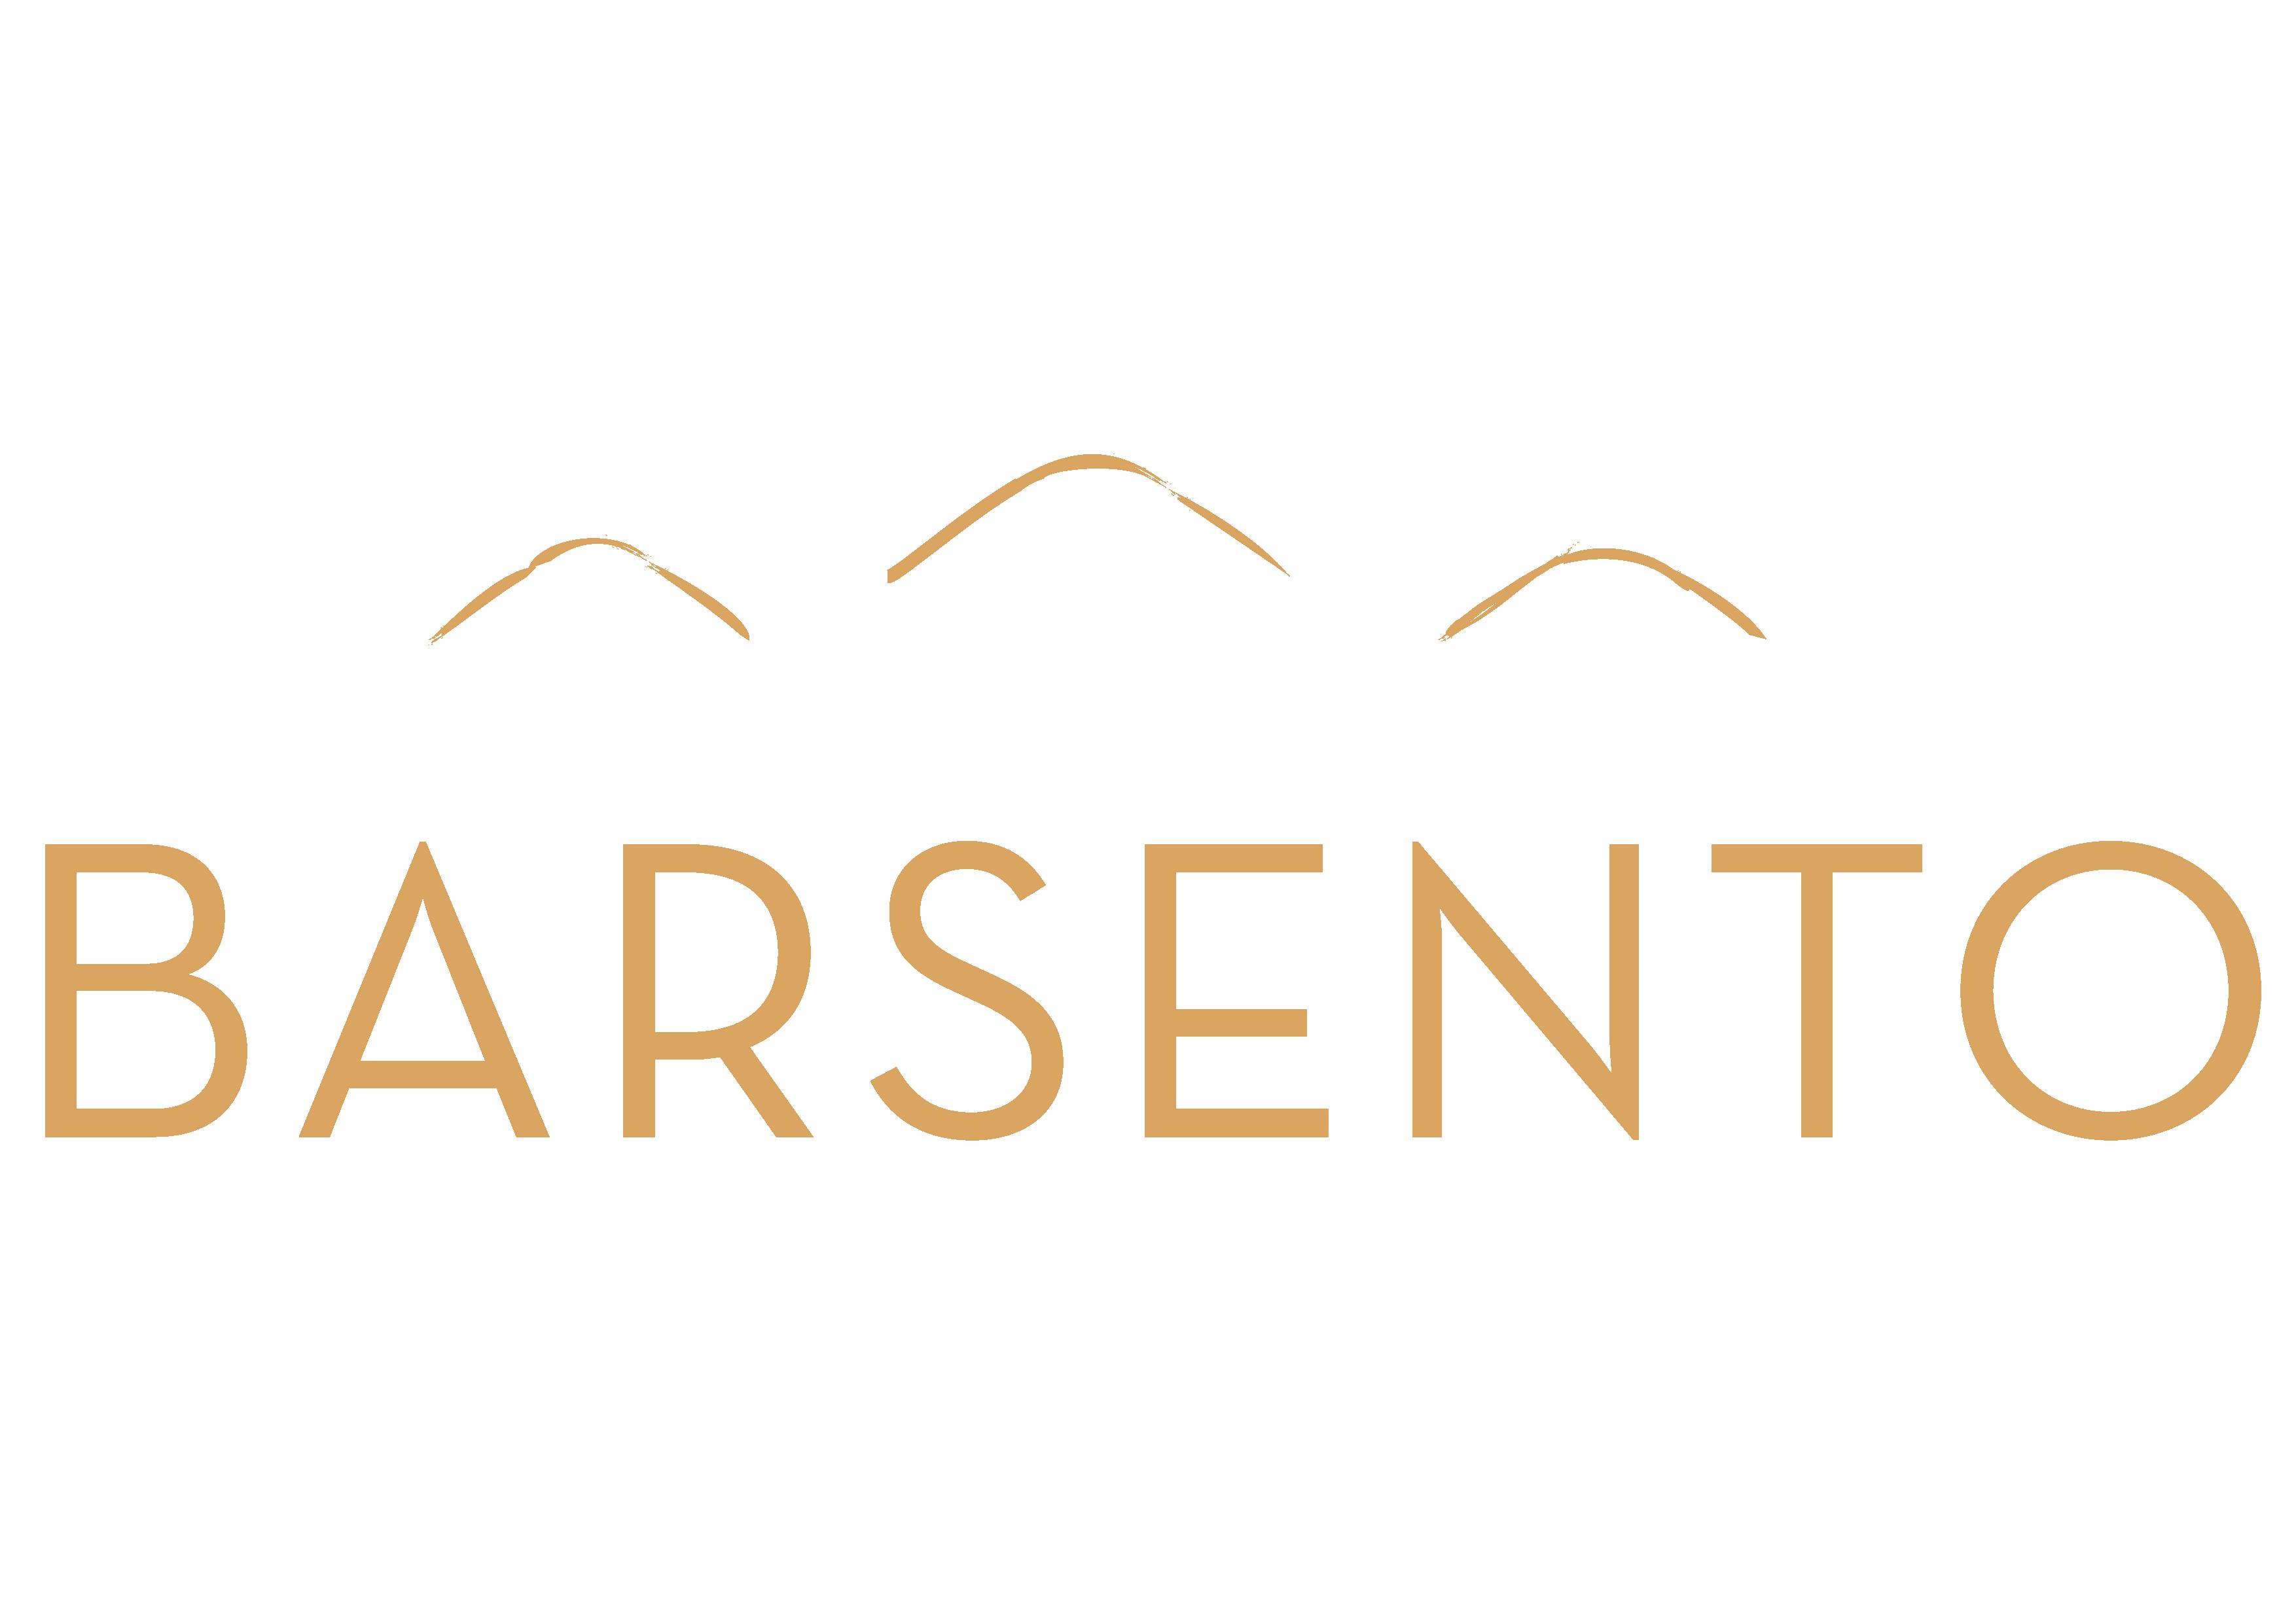 logo-barsento-marroncino-01